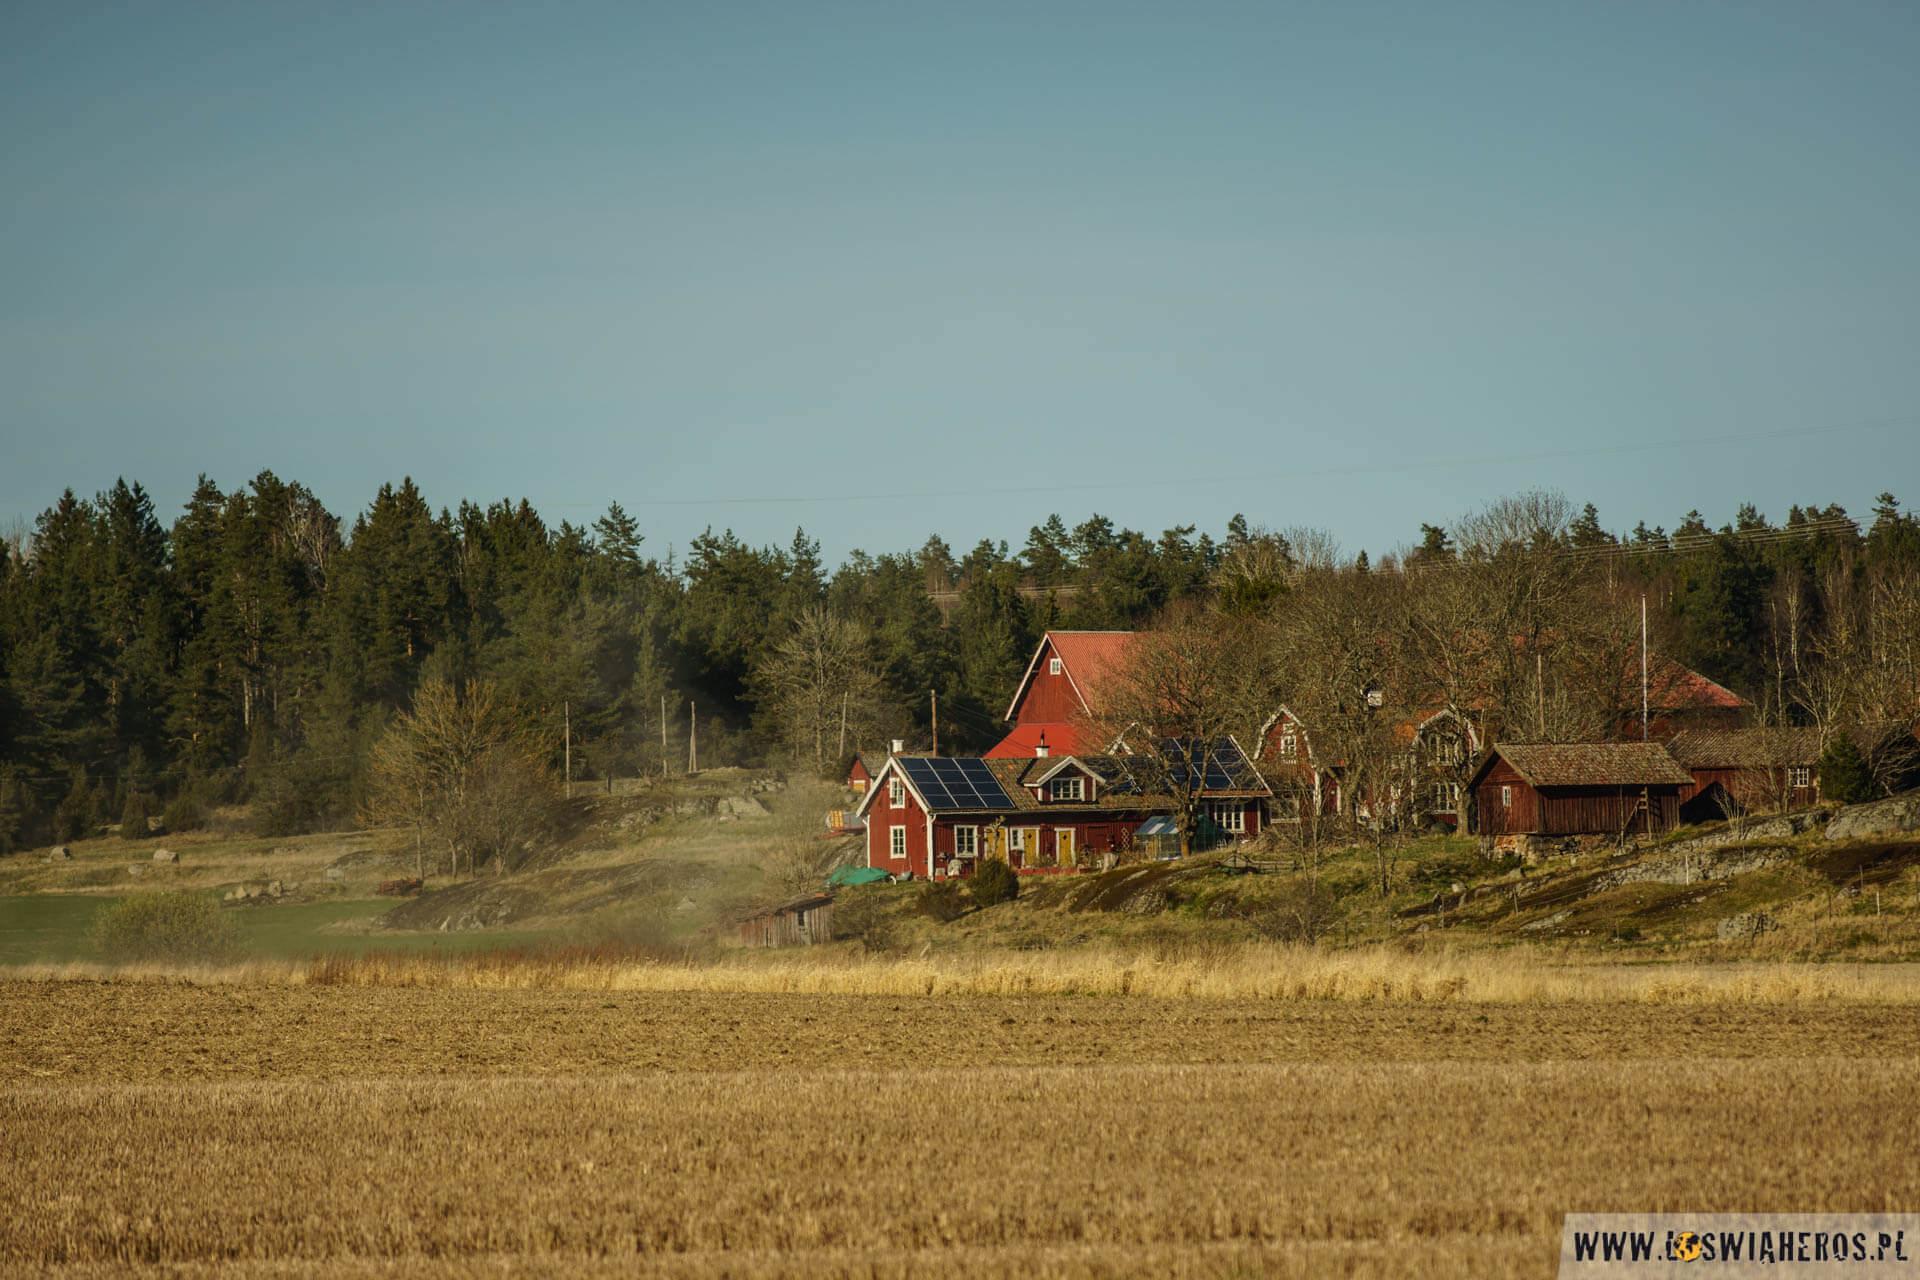 Szwecja trochę bardziej rolnicza.